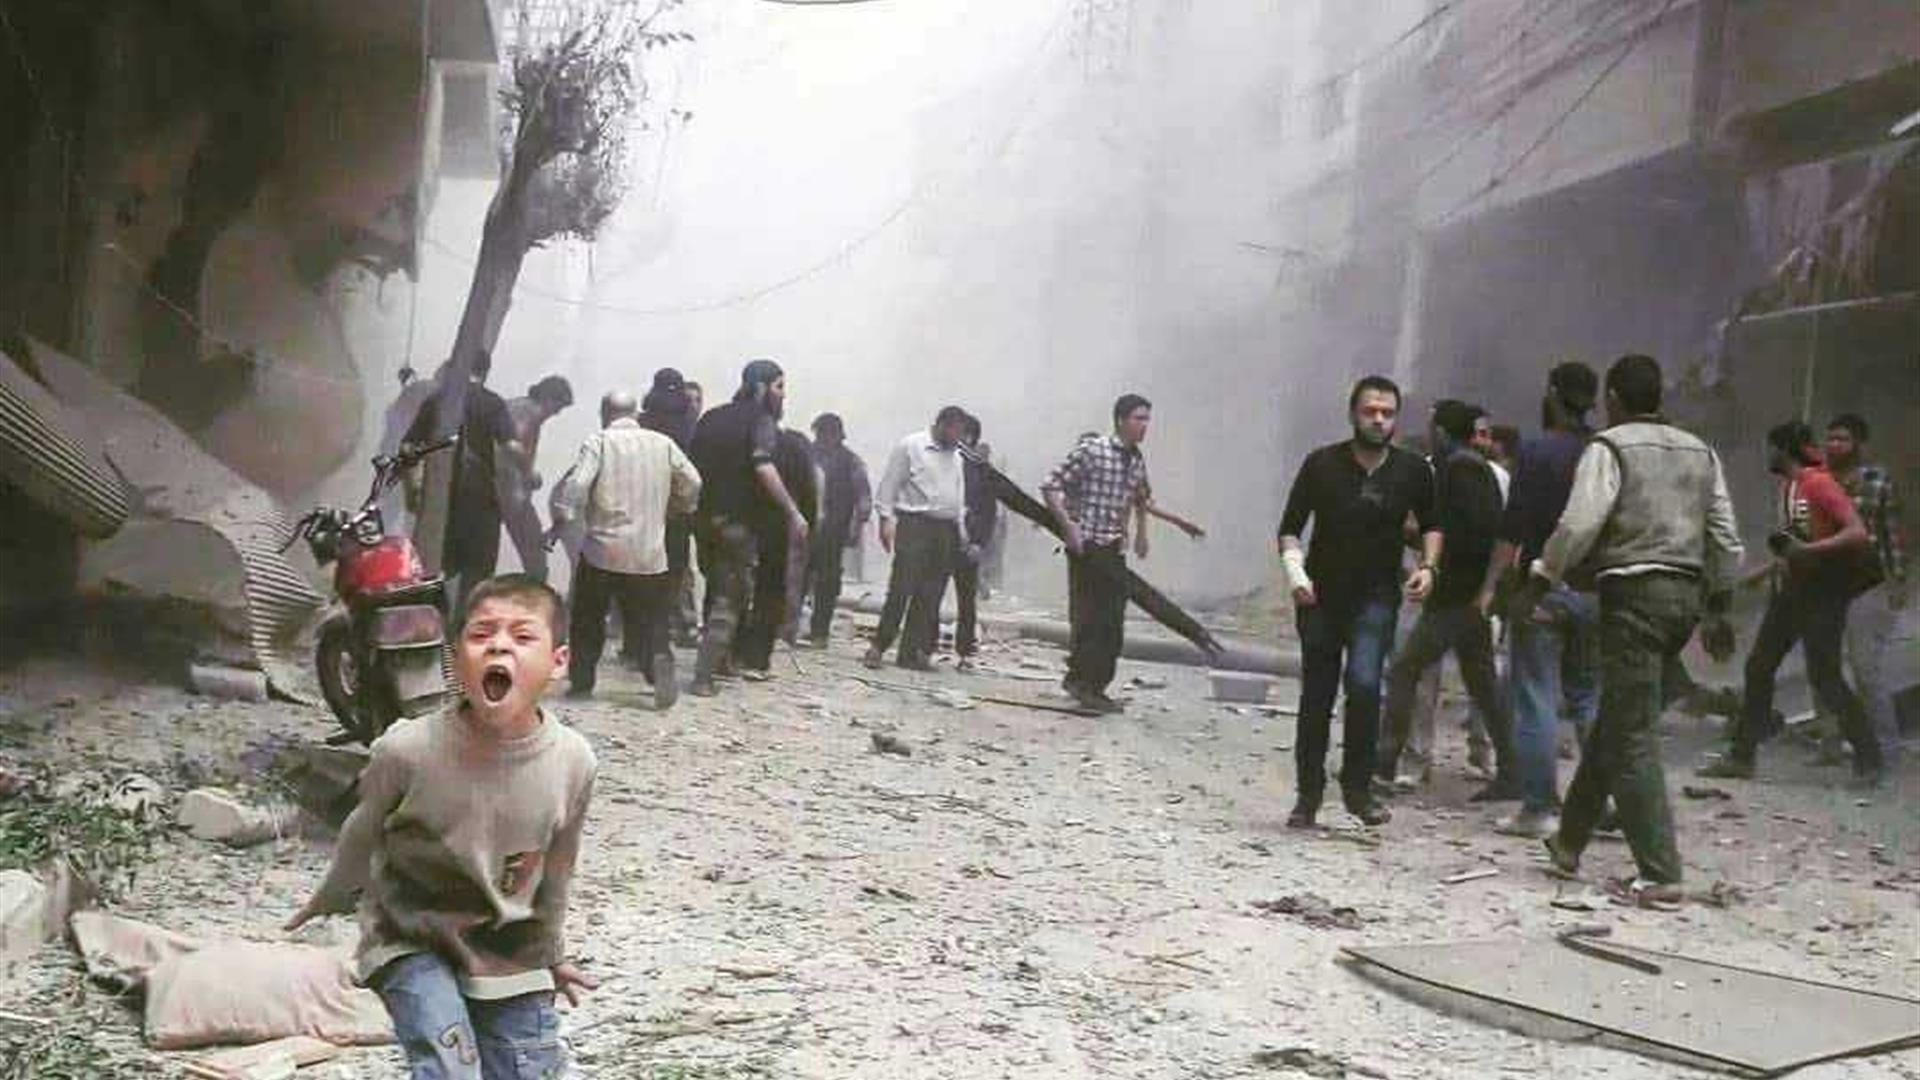 Ghouta: il regime siriano avanza in una situazione umana drammatica